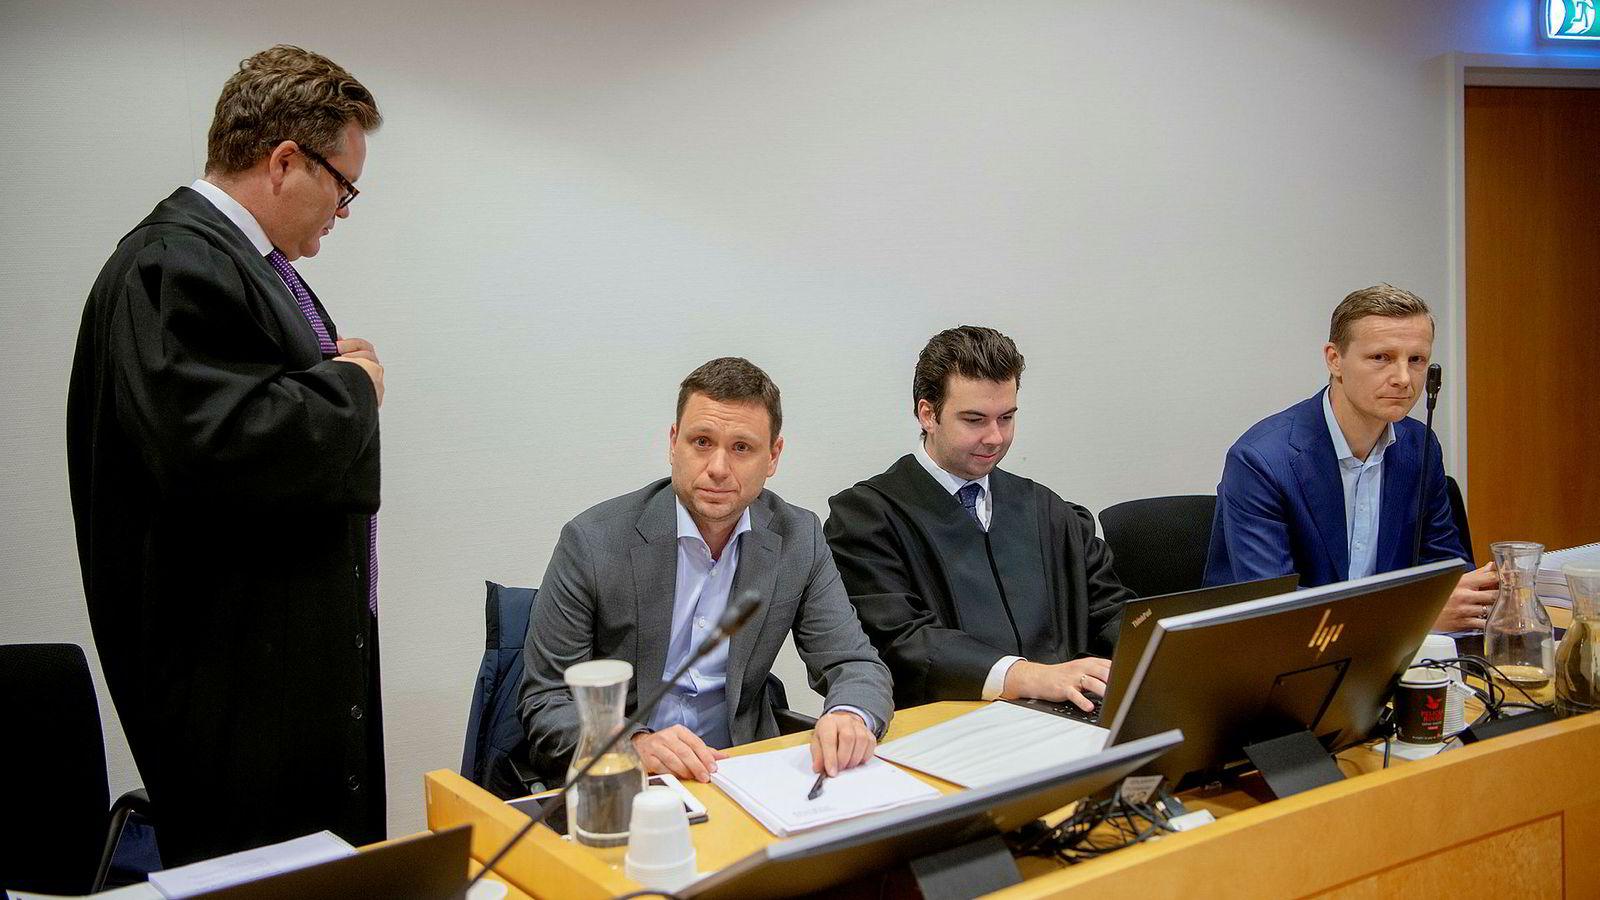 Fra venstre: Advokat Jan Magne Langseth fra Simonsen Vogt Wiig, leder for marked og kundekontakt Fredrik Mundal i Bank Norwegian, advokat Nicholas Foss Barbantonis fra Simonsen Vogt Wiig og Frode Bjørnstad, juridisk direktør i Bank Norwegian.